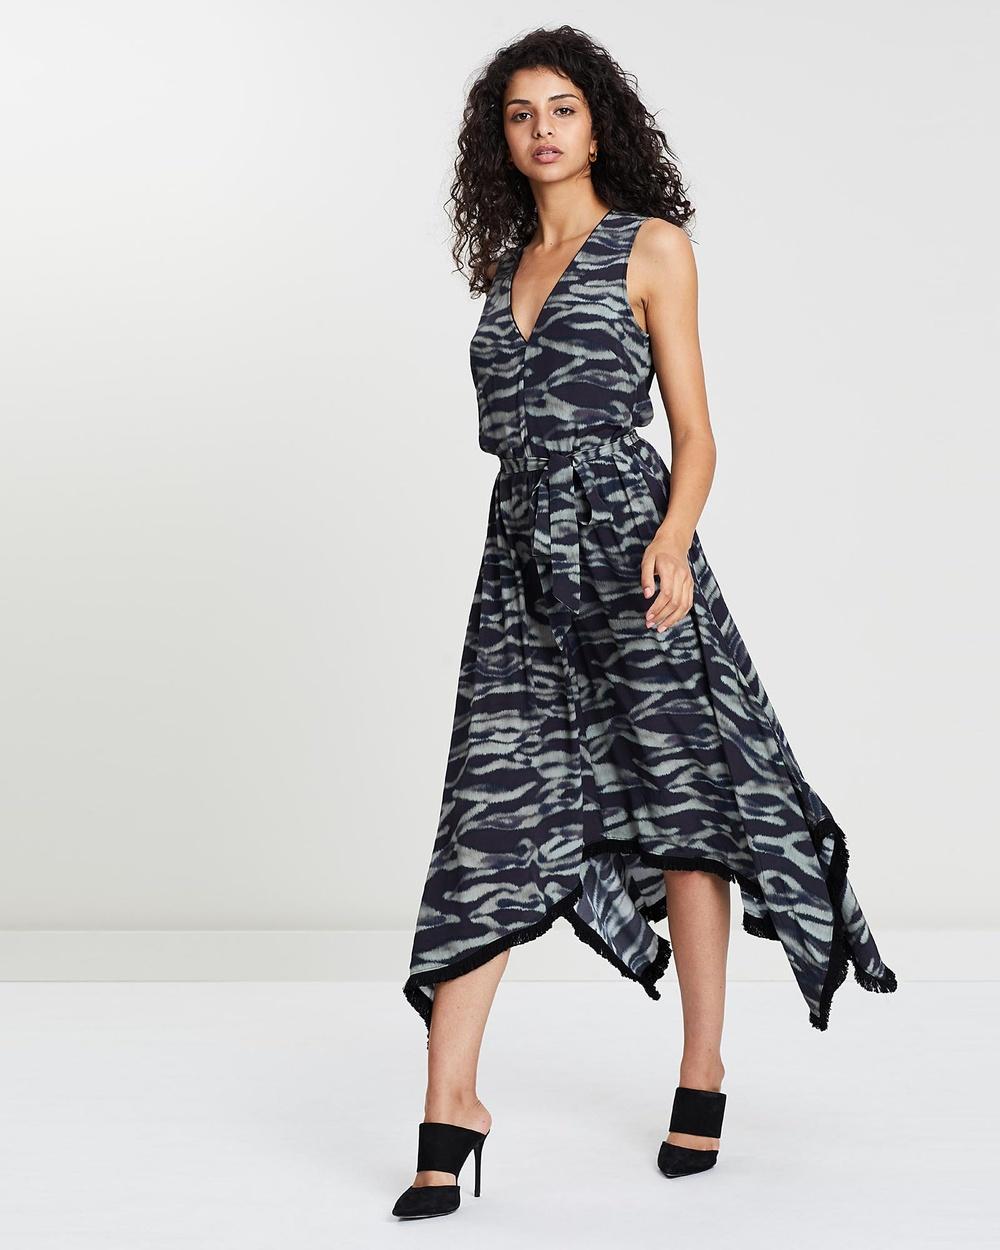 Husk Multi Chat-Noir Dress